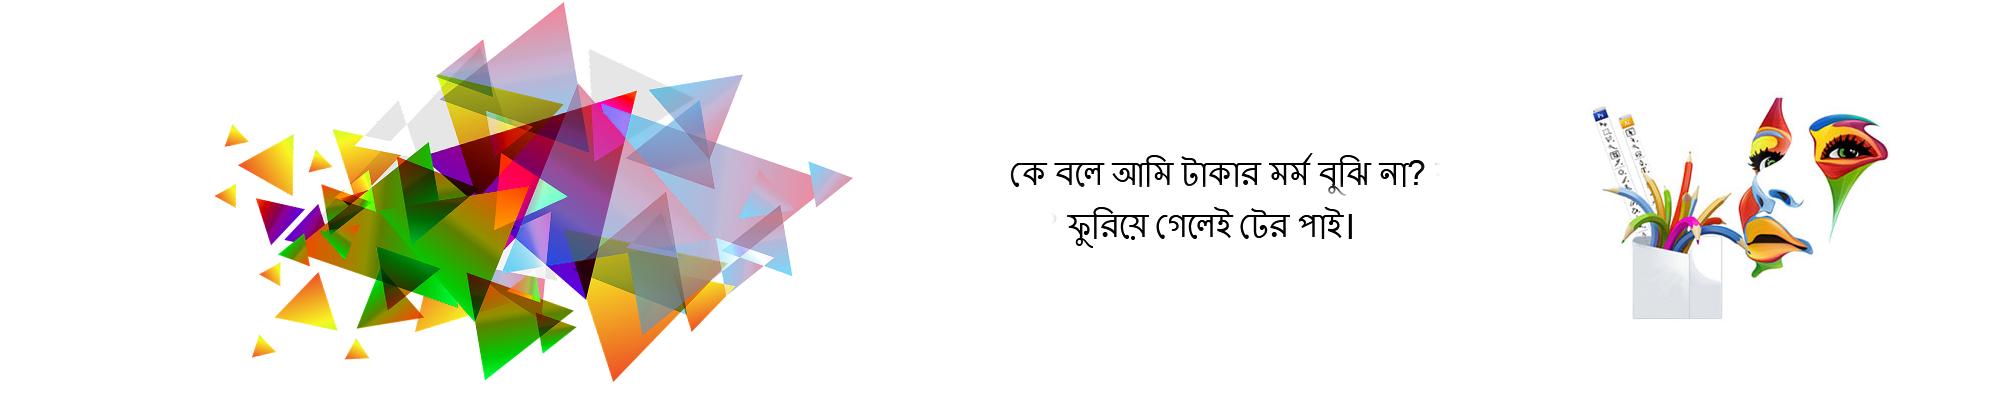 SMS Bangla 2019